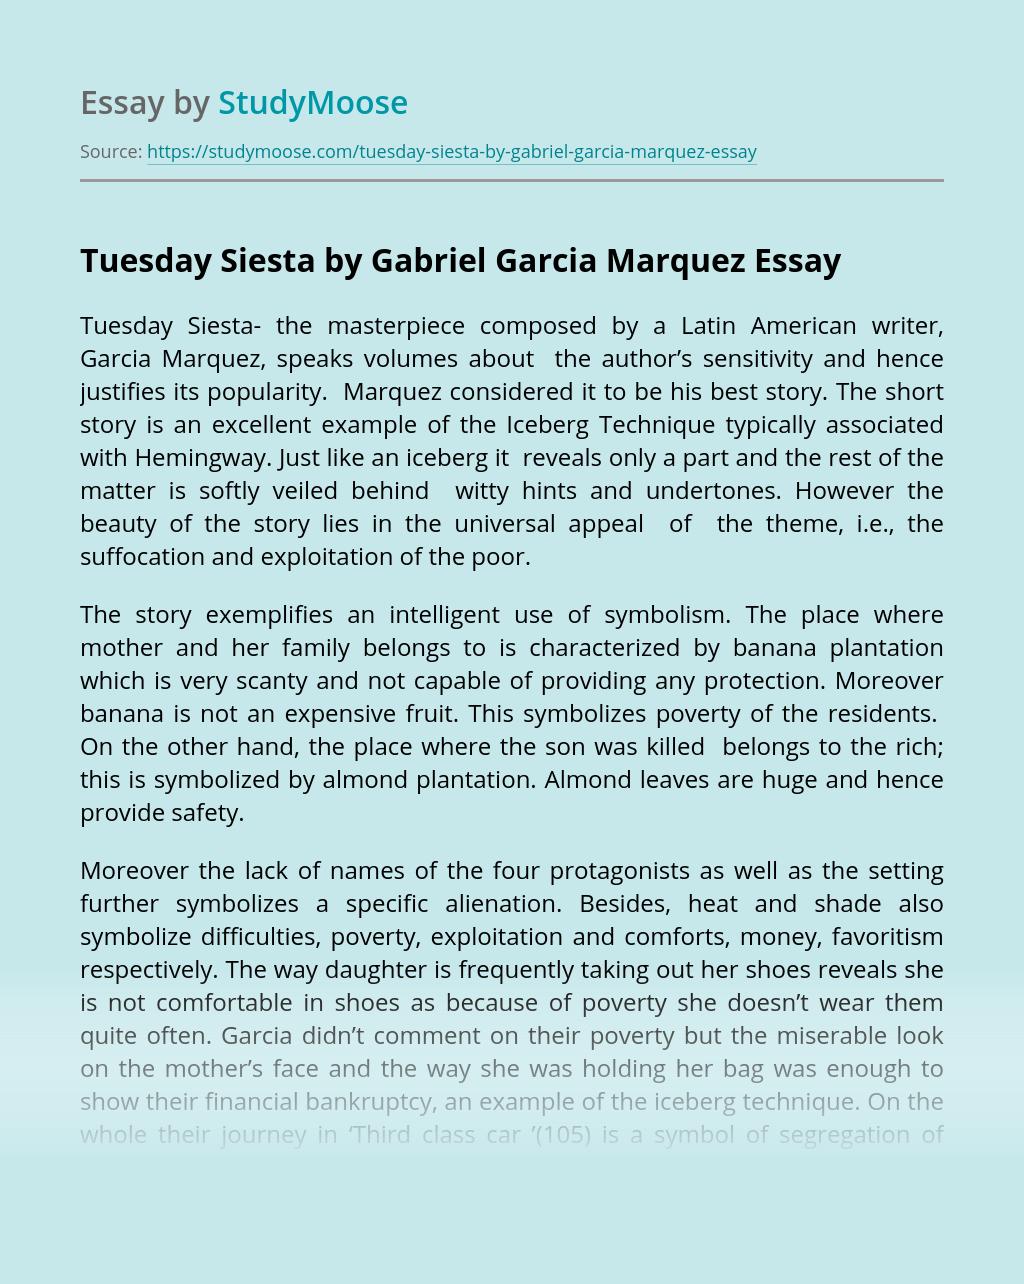 Tuesday Siesta by Gabriel Garcia Marquez